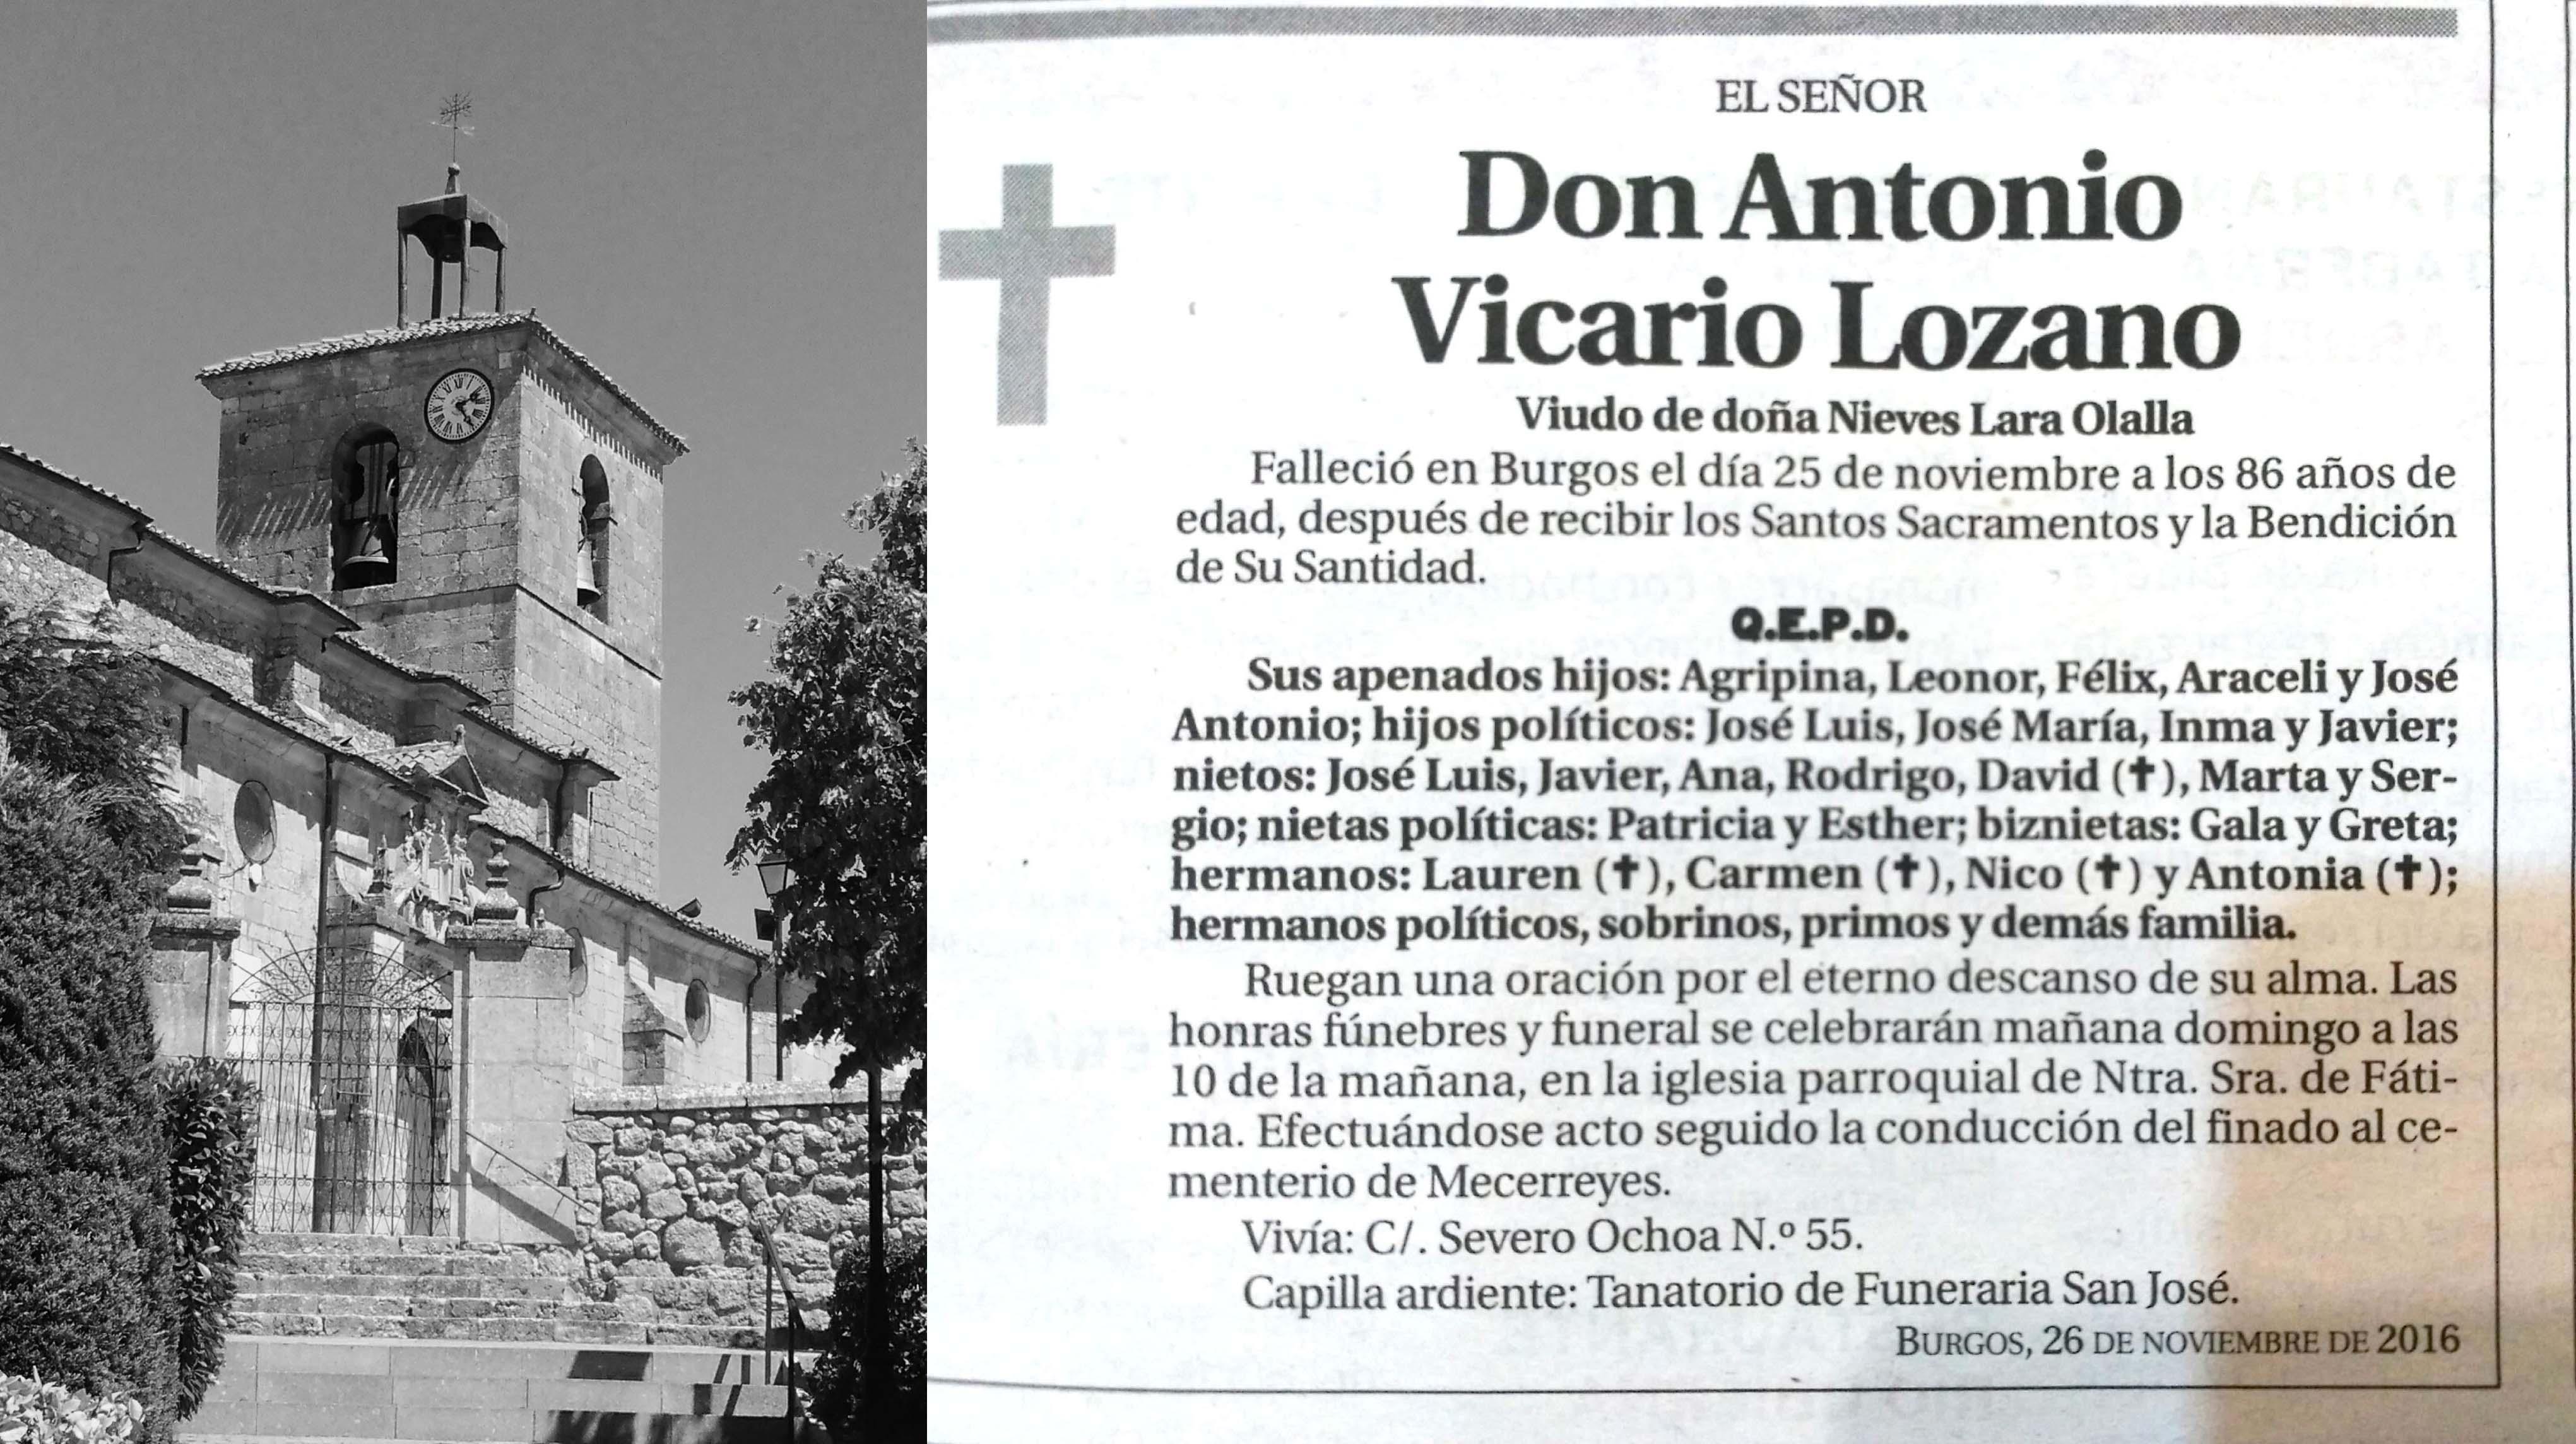 Antonio Vicario Lozano, falleció en Burgos el 25 de noviembre de 2016, a los 86 años